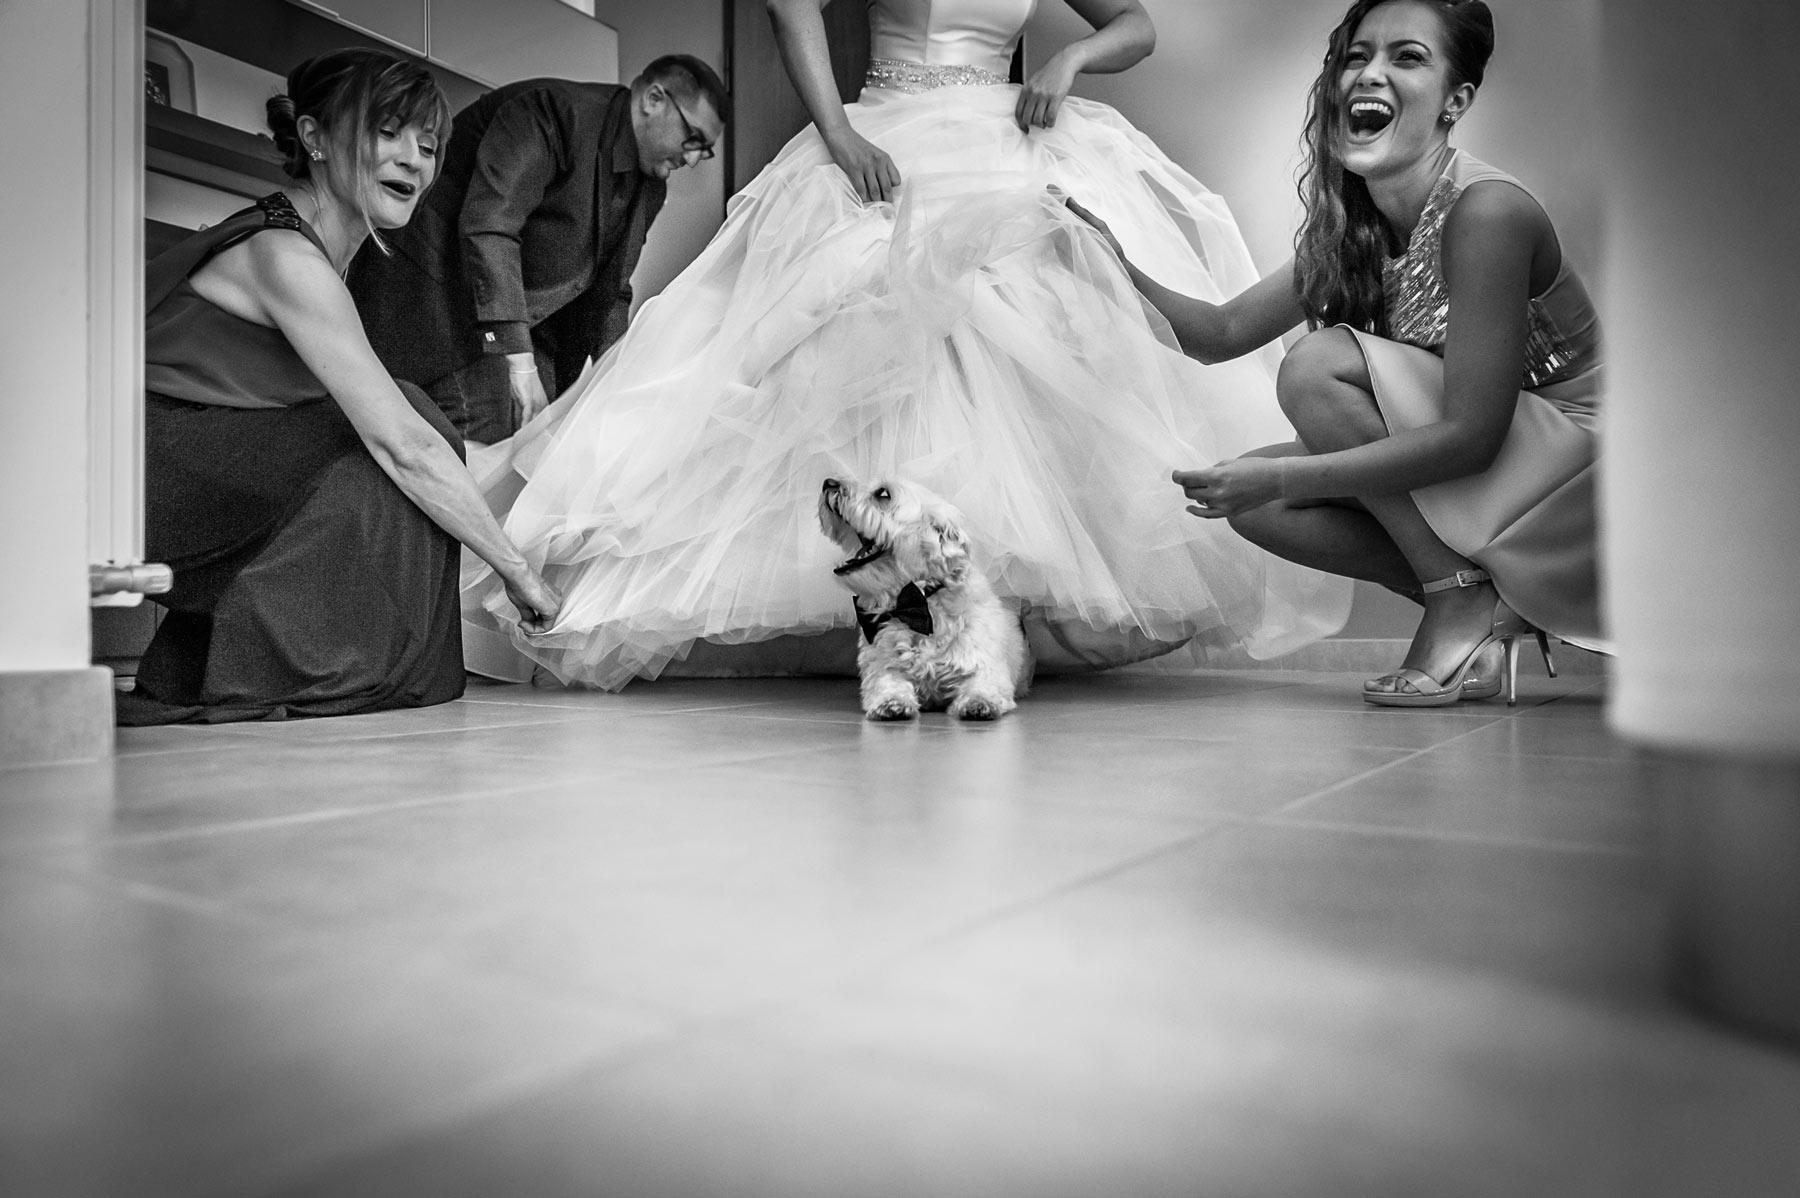 fotografo-sposi-a-foligno-federica-mari